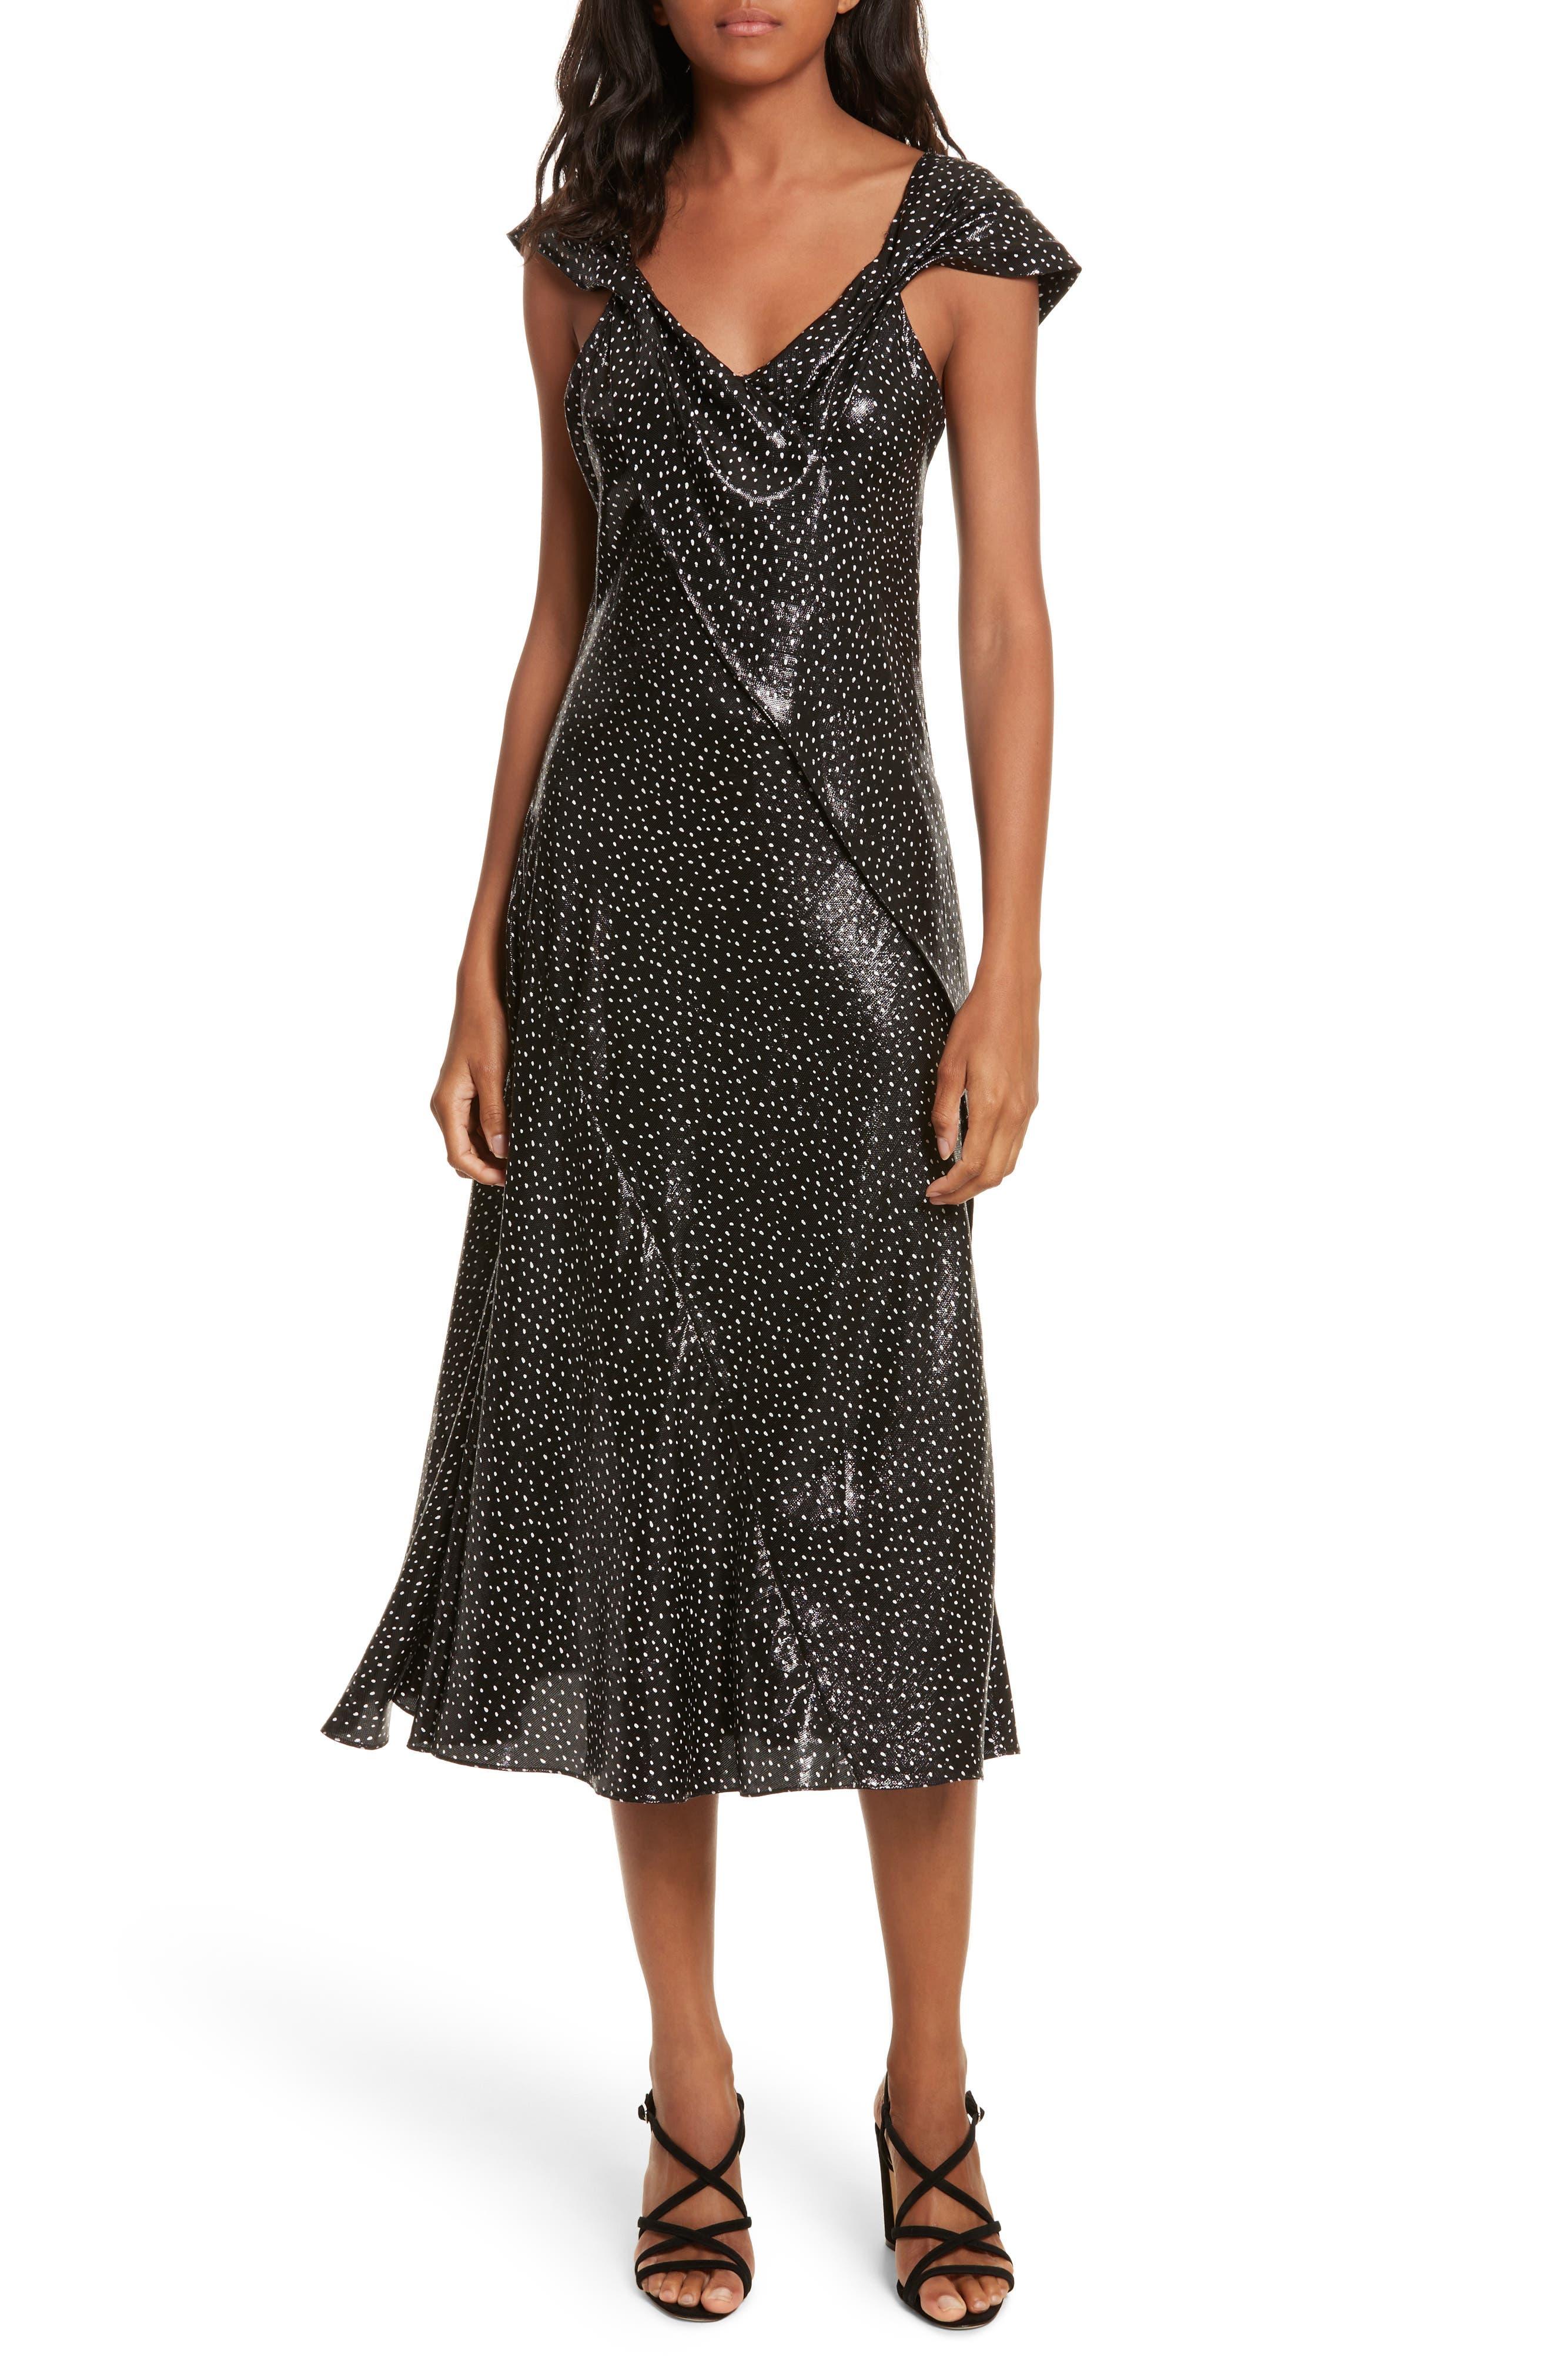 Alternate Image 1 Selected - Diane von Furstenberg Metallic Dot Midi Dress